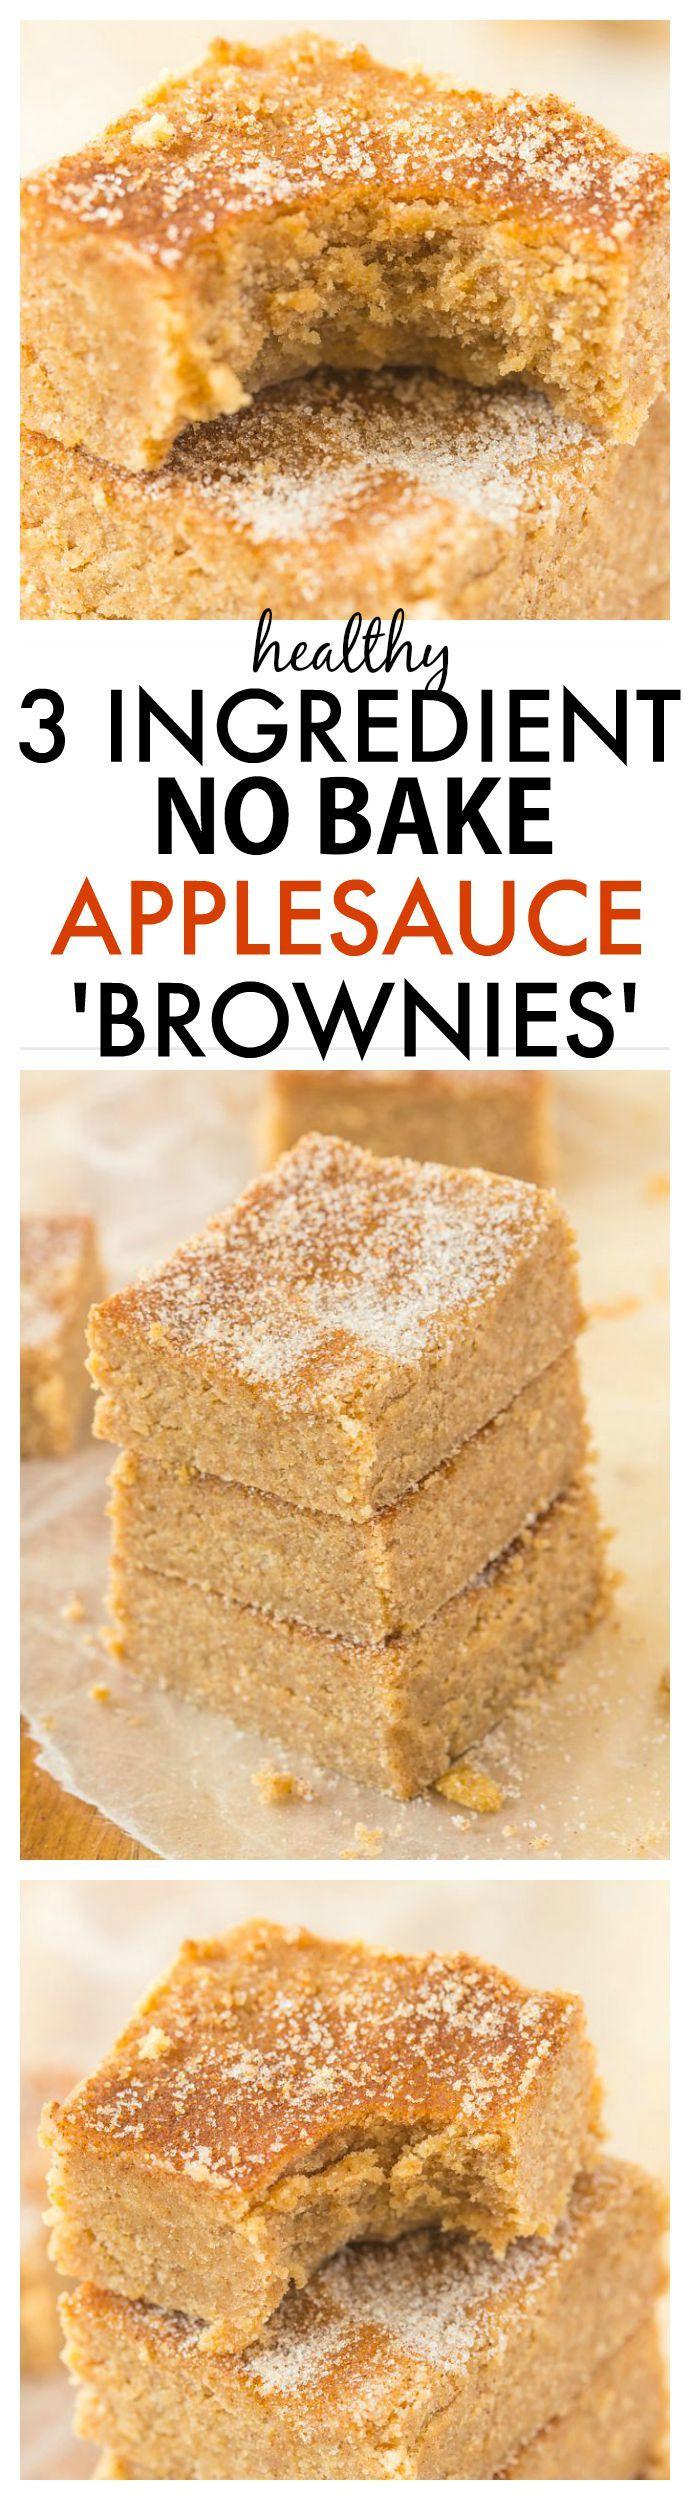 Healthy Applesauce Brownies  Healthy No Bake Applesauce Brownies with just 3